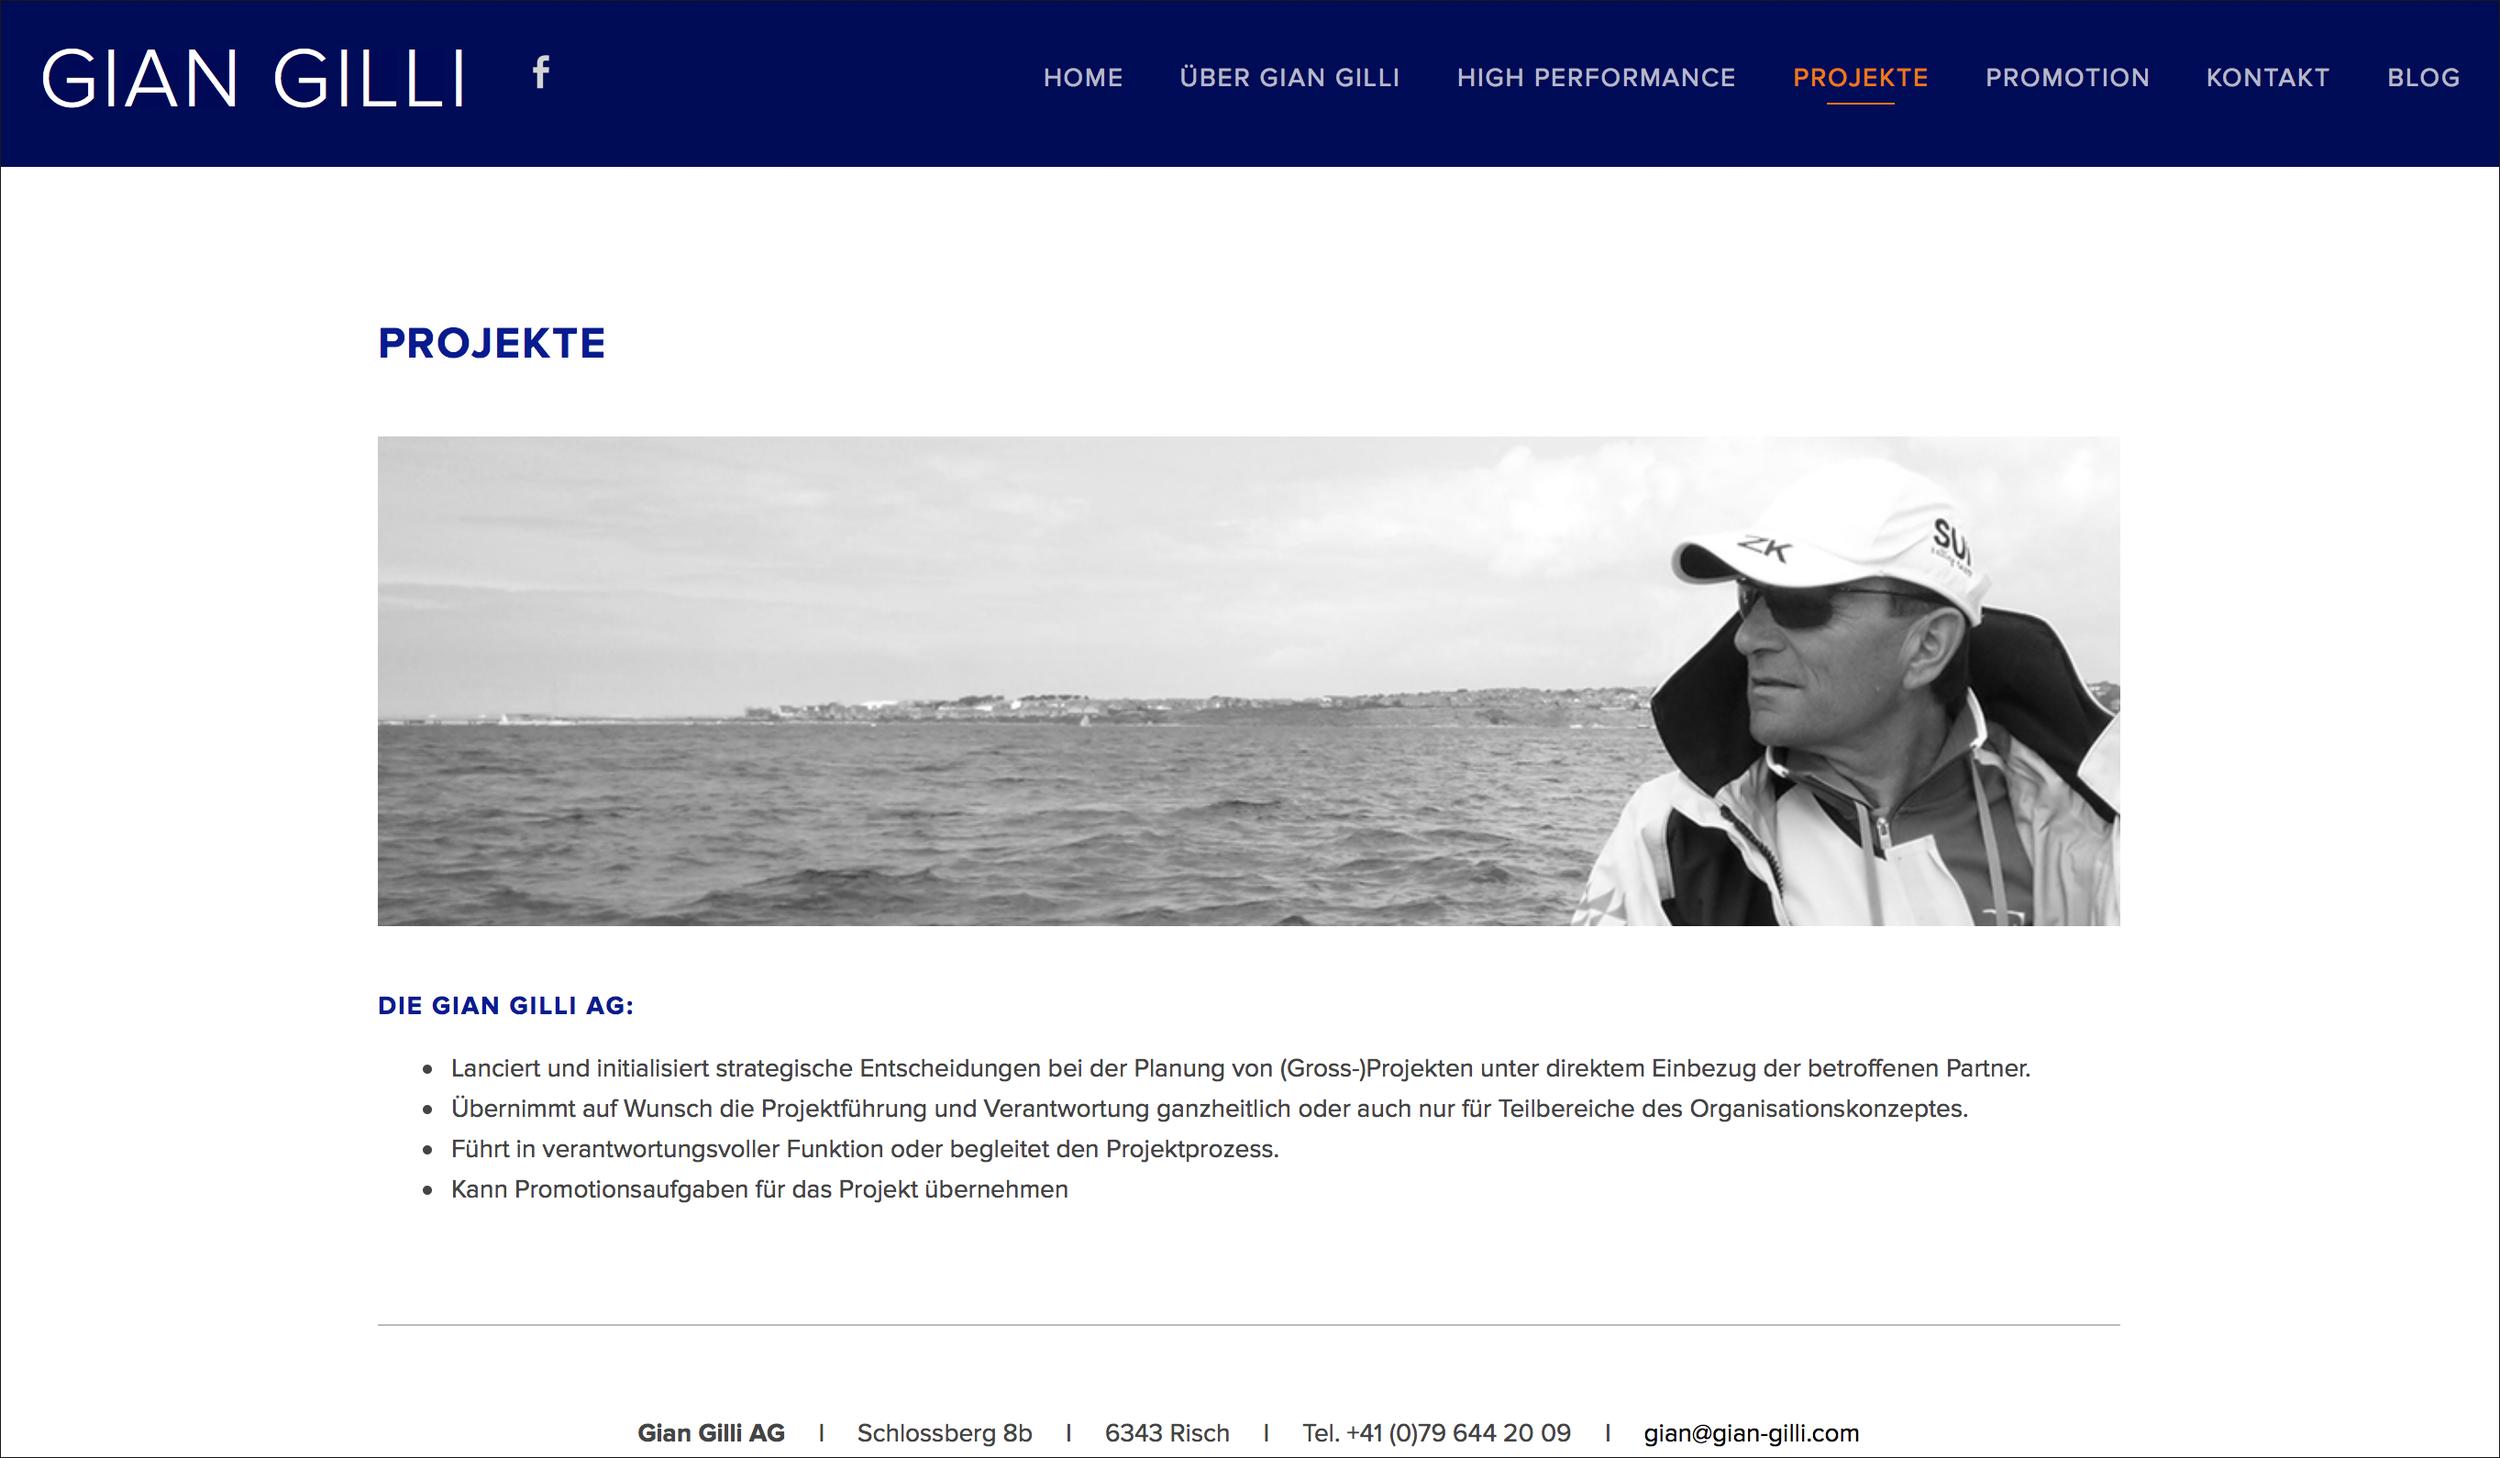 Website_V_Gian_Gilli_by_JPR_Media_GmbH